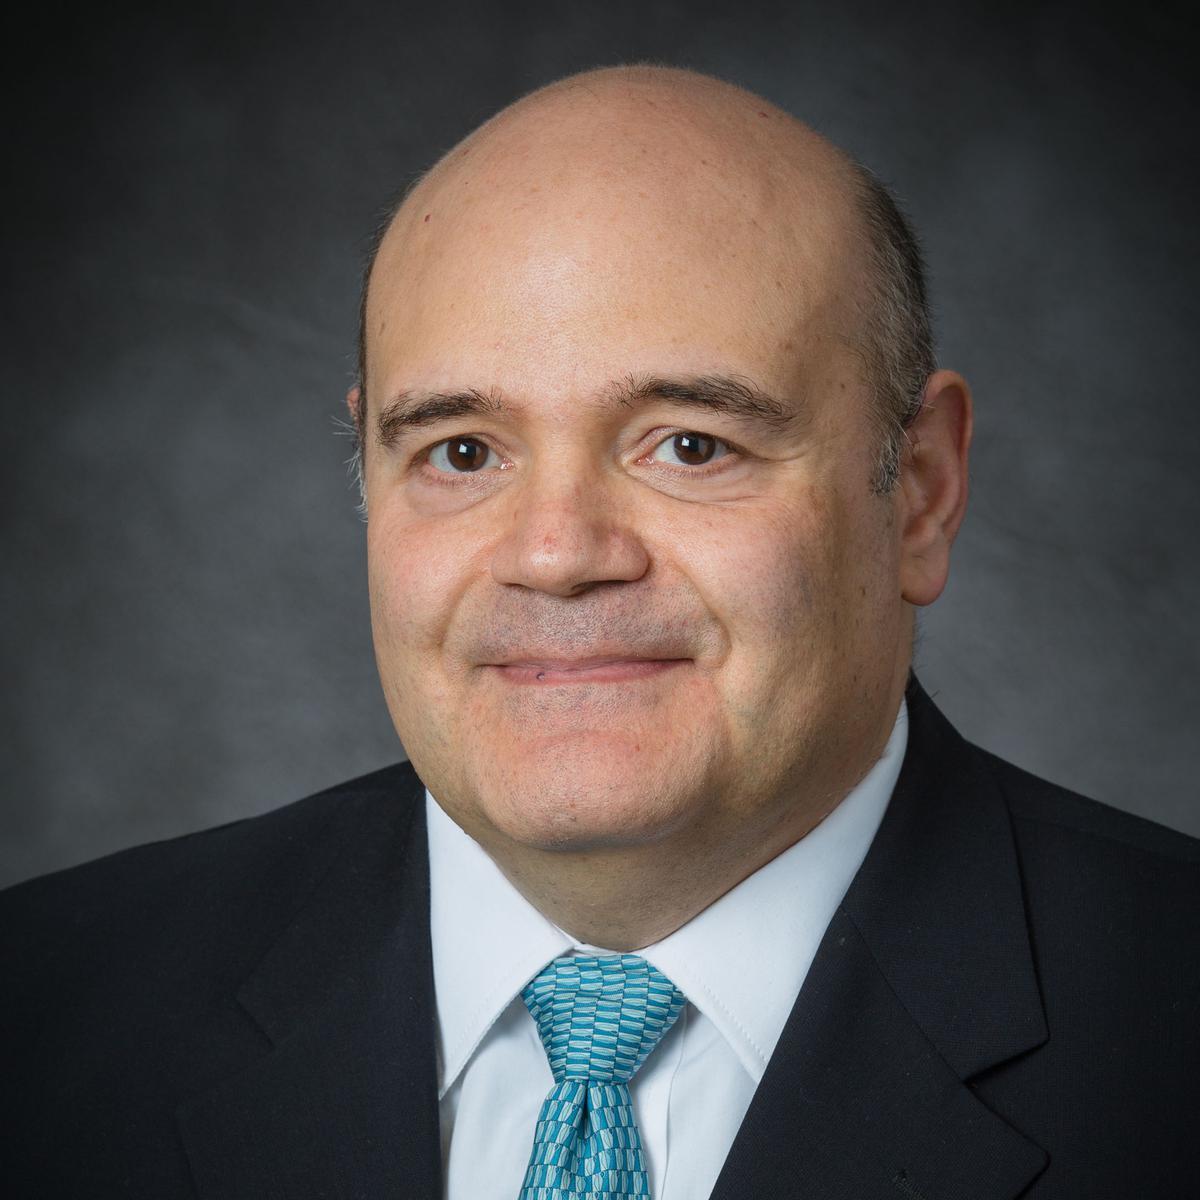 Élder Francisco J. Ruiz De Mendoza